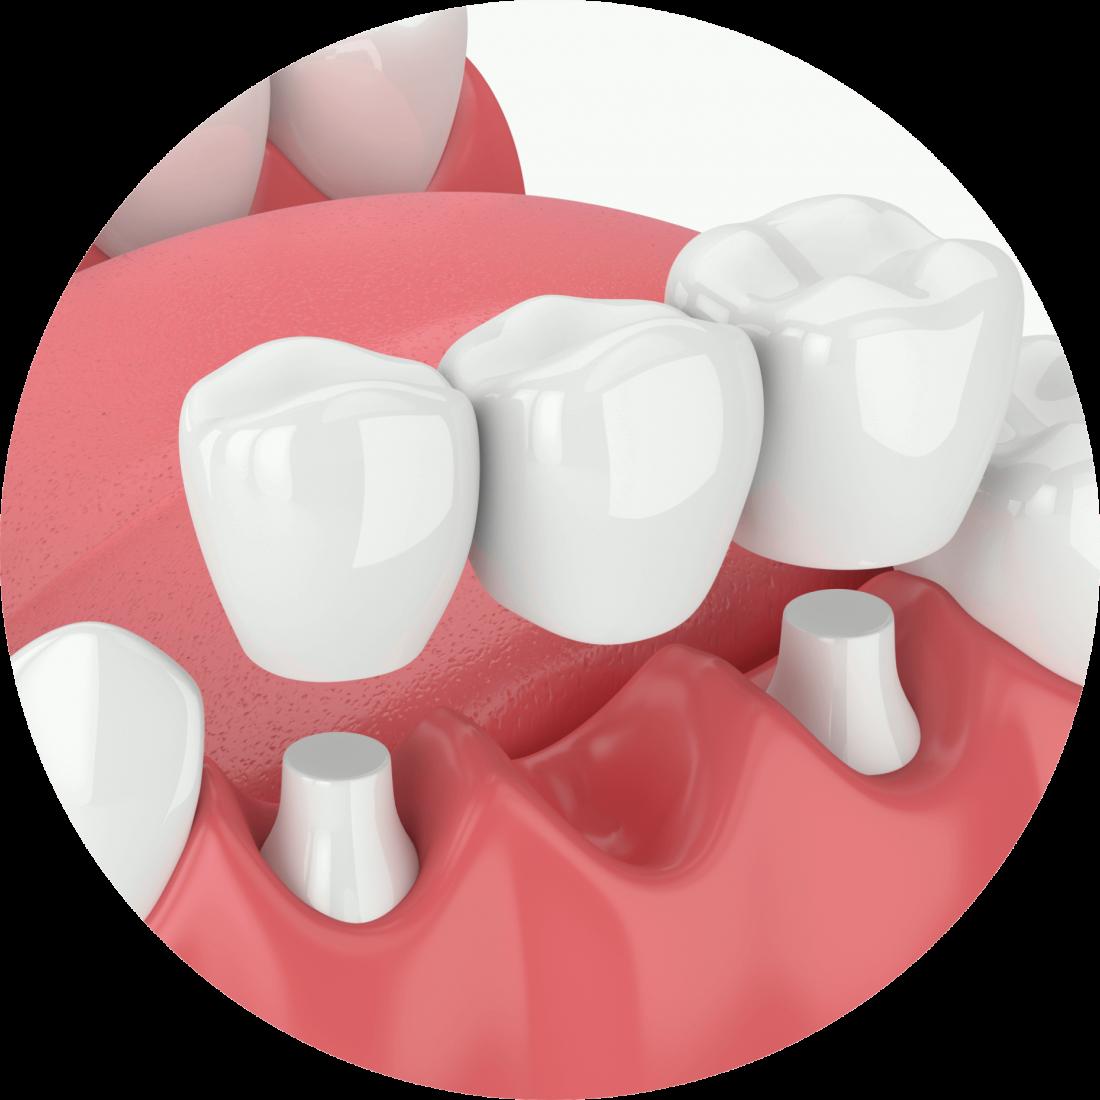 Procedure details: Crown Treatment